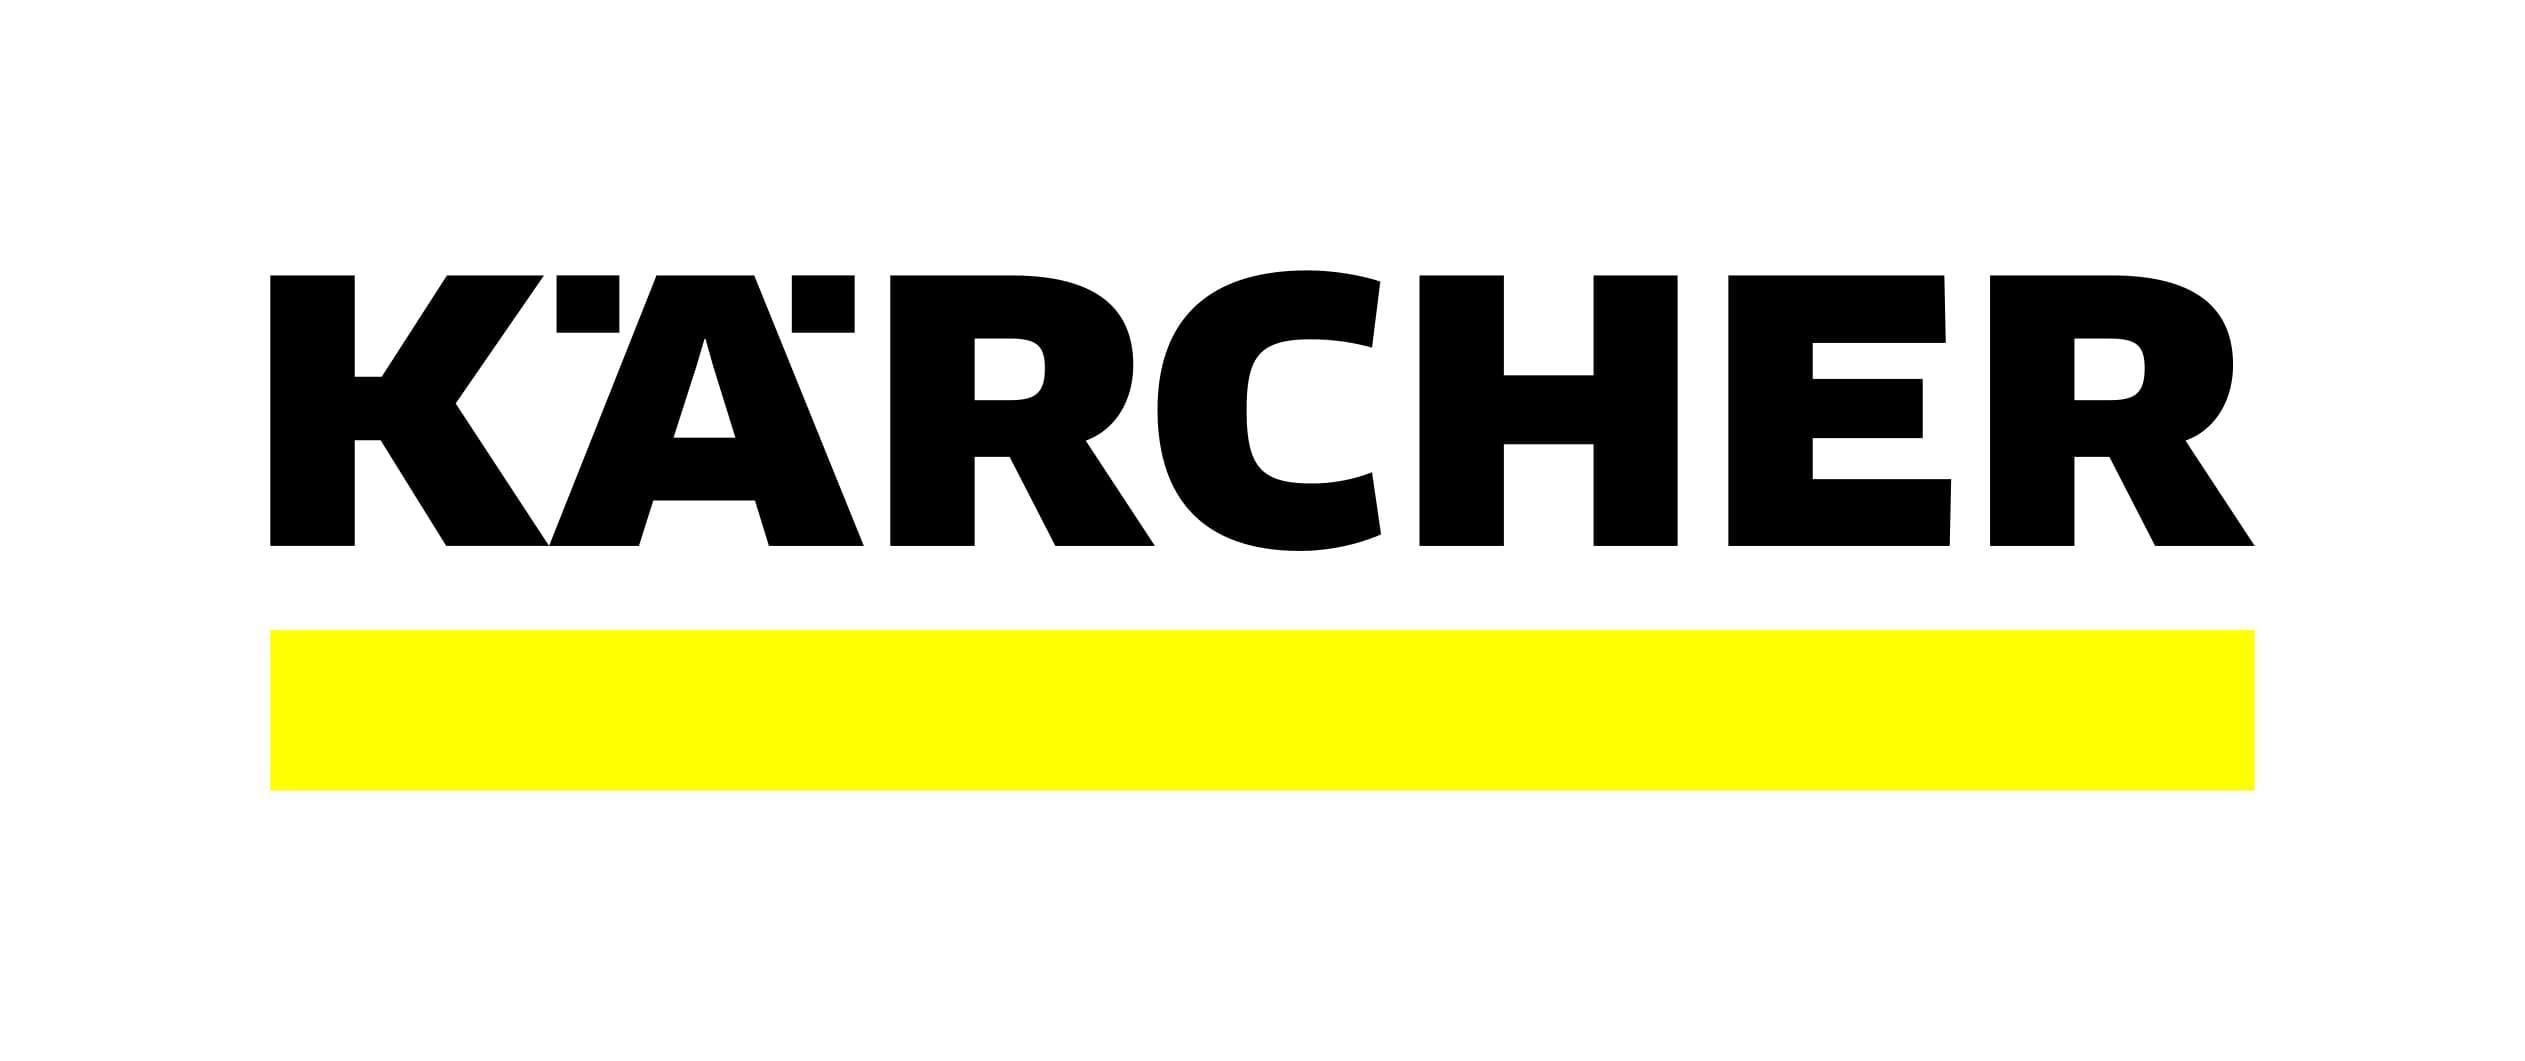 Alapos termékleírást biztosít a Karcher webáruház